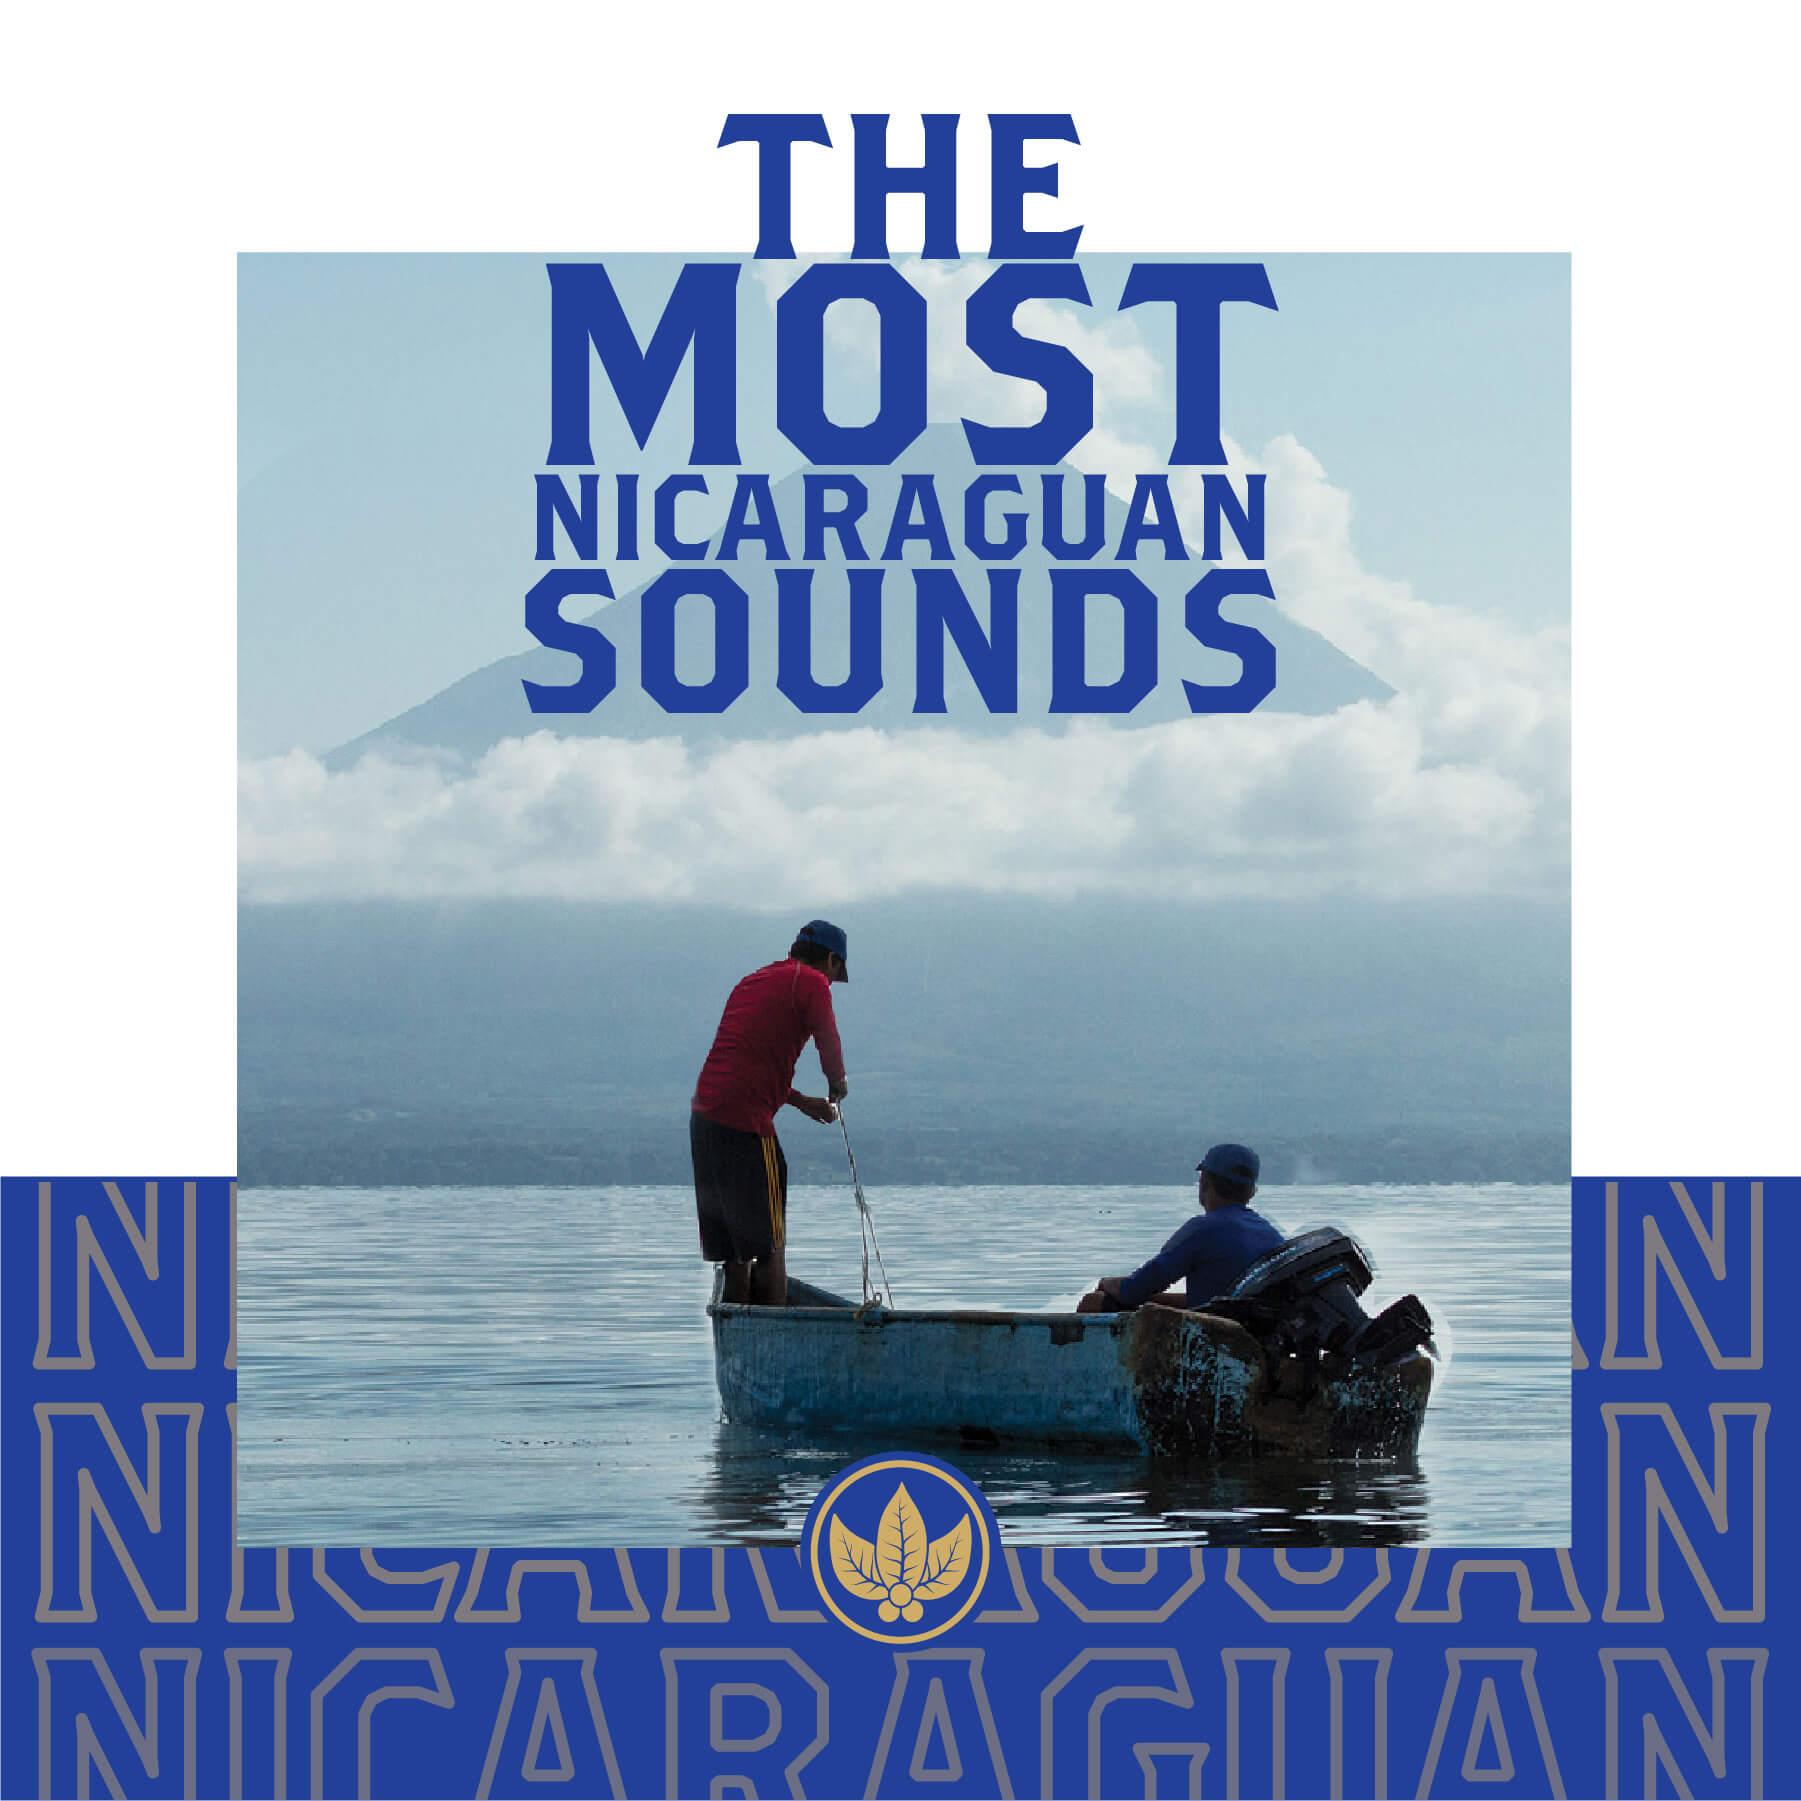 nicaraguan sounds